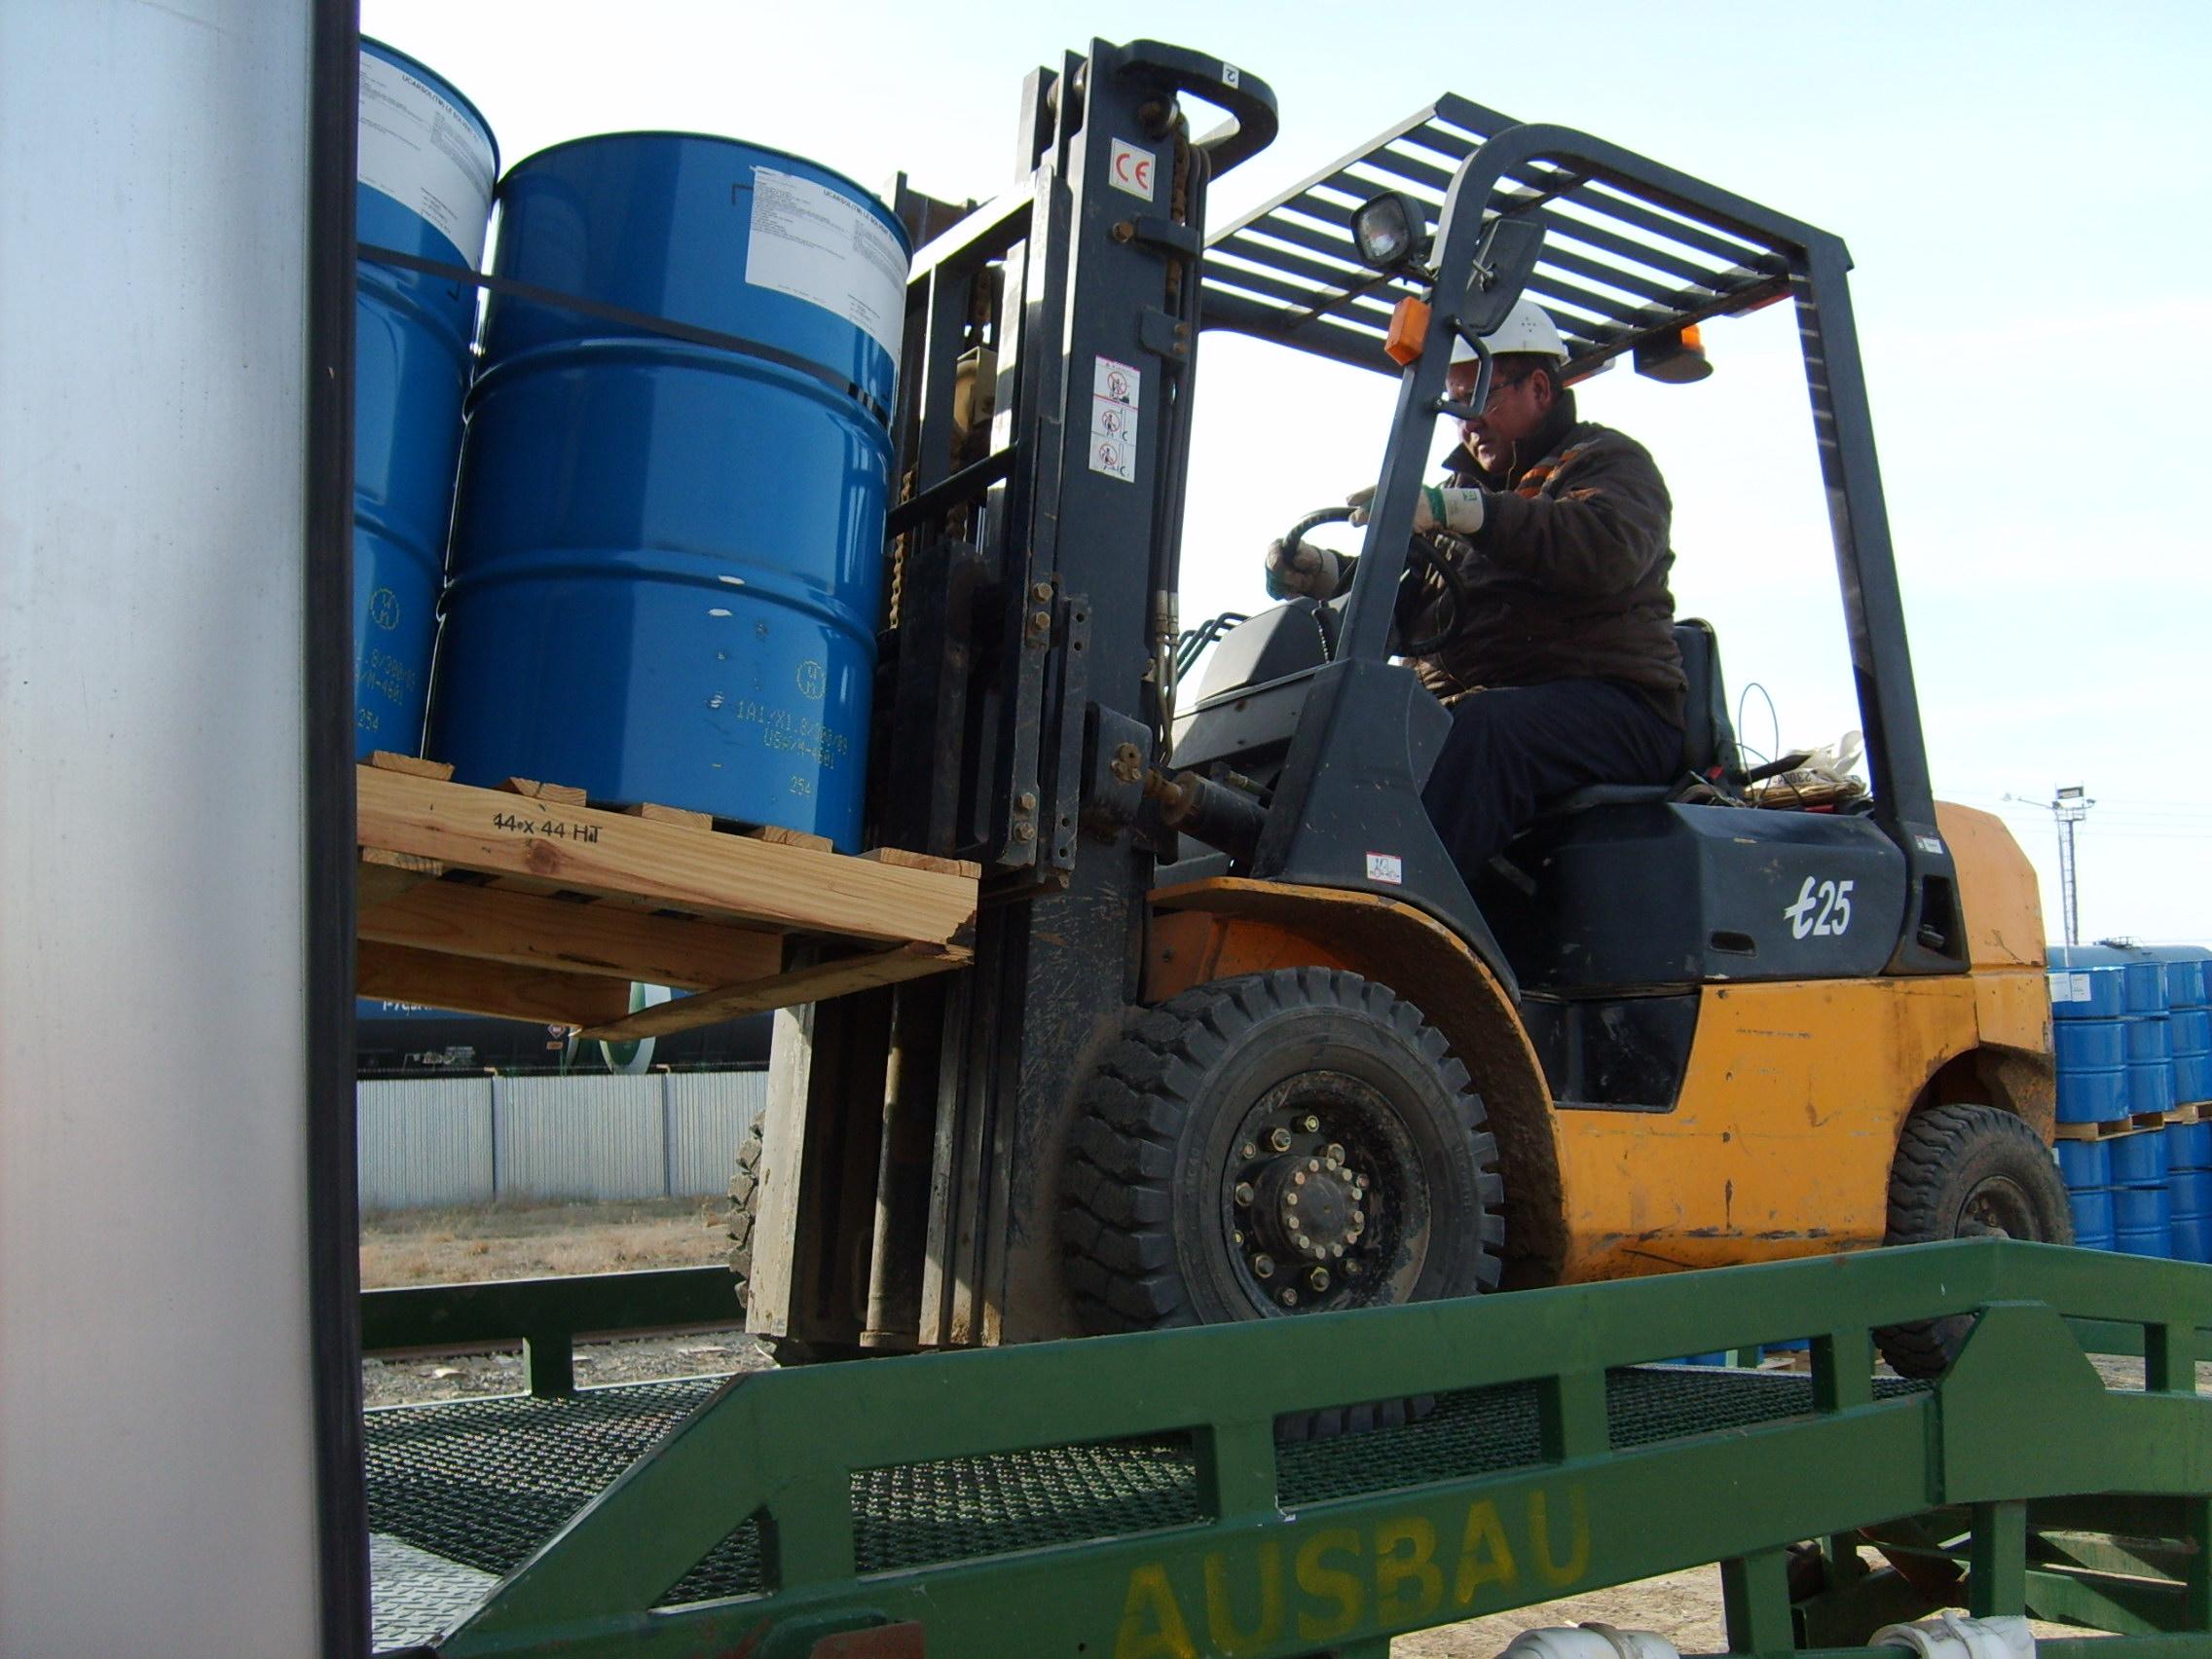 Forklift loading barrels